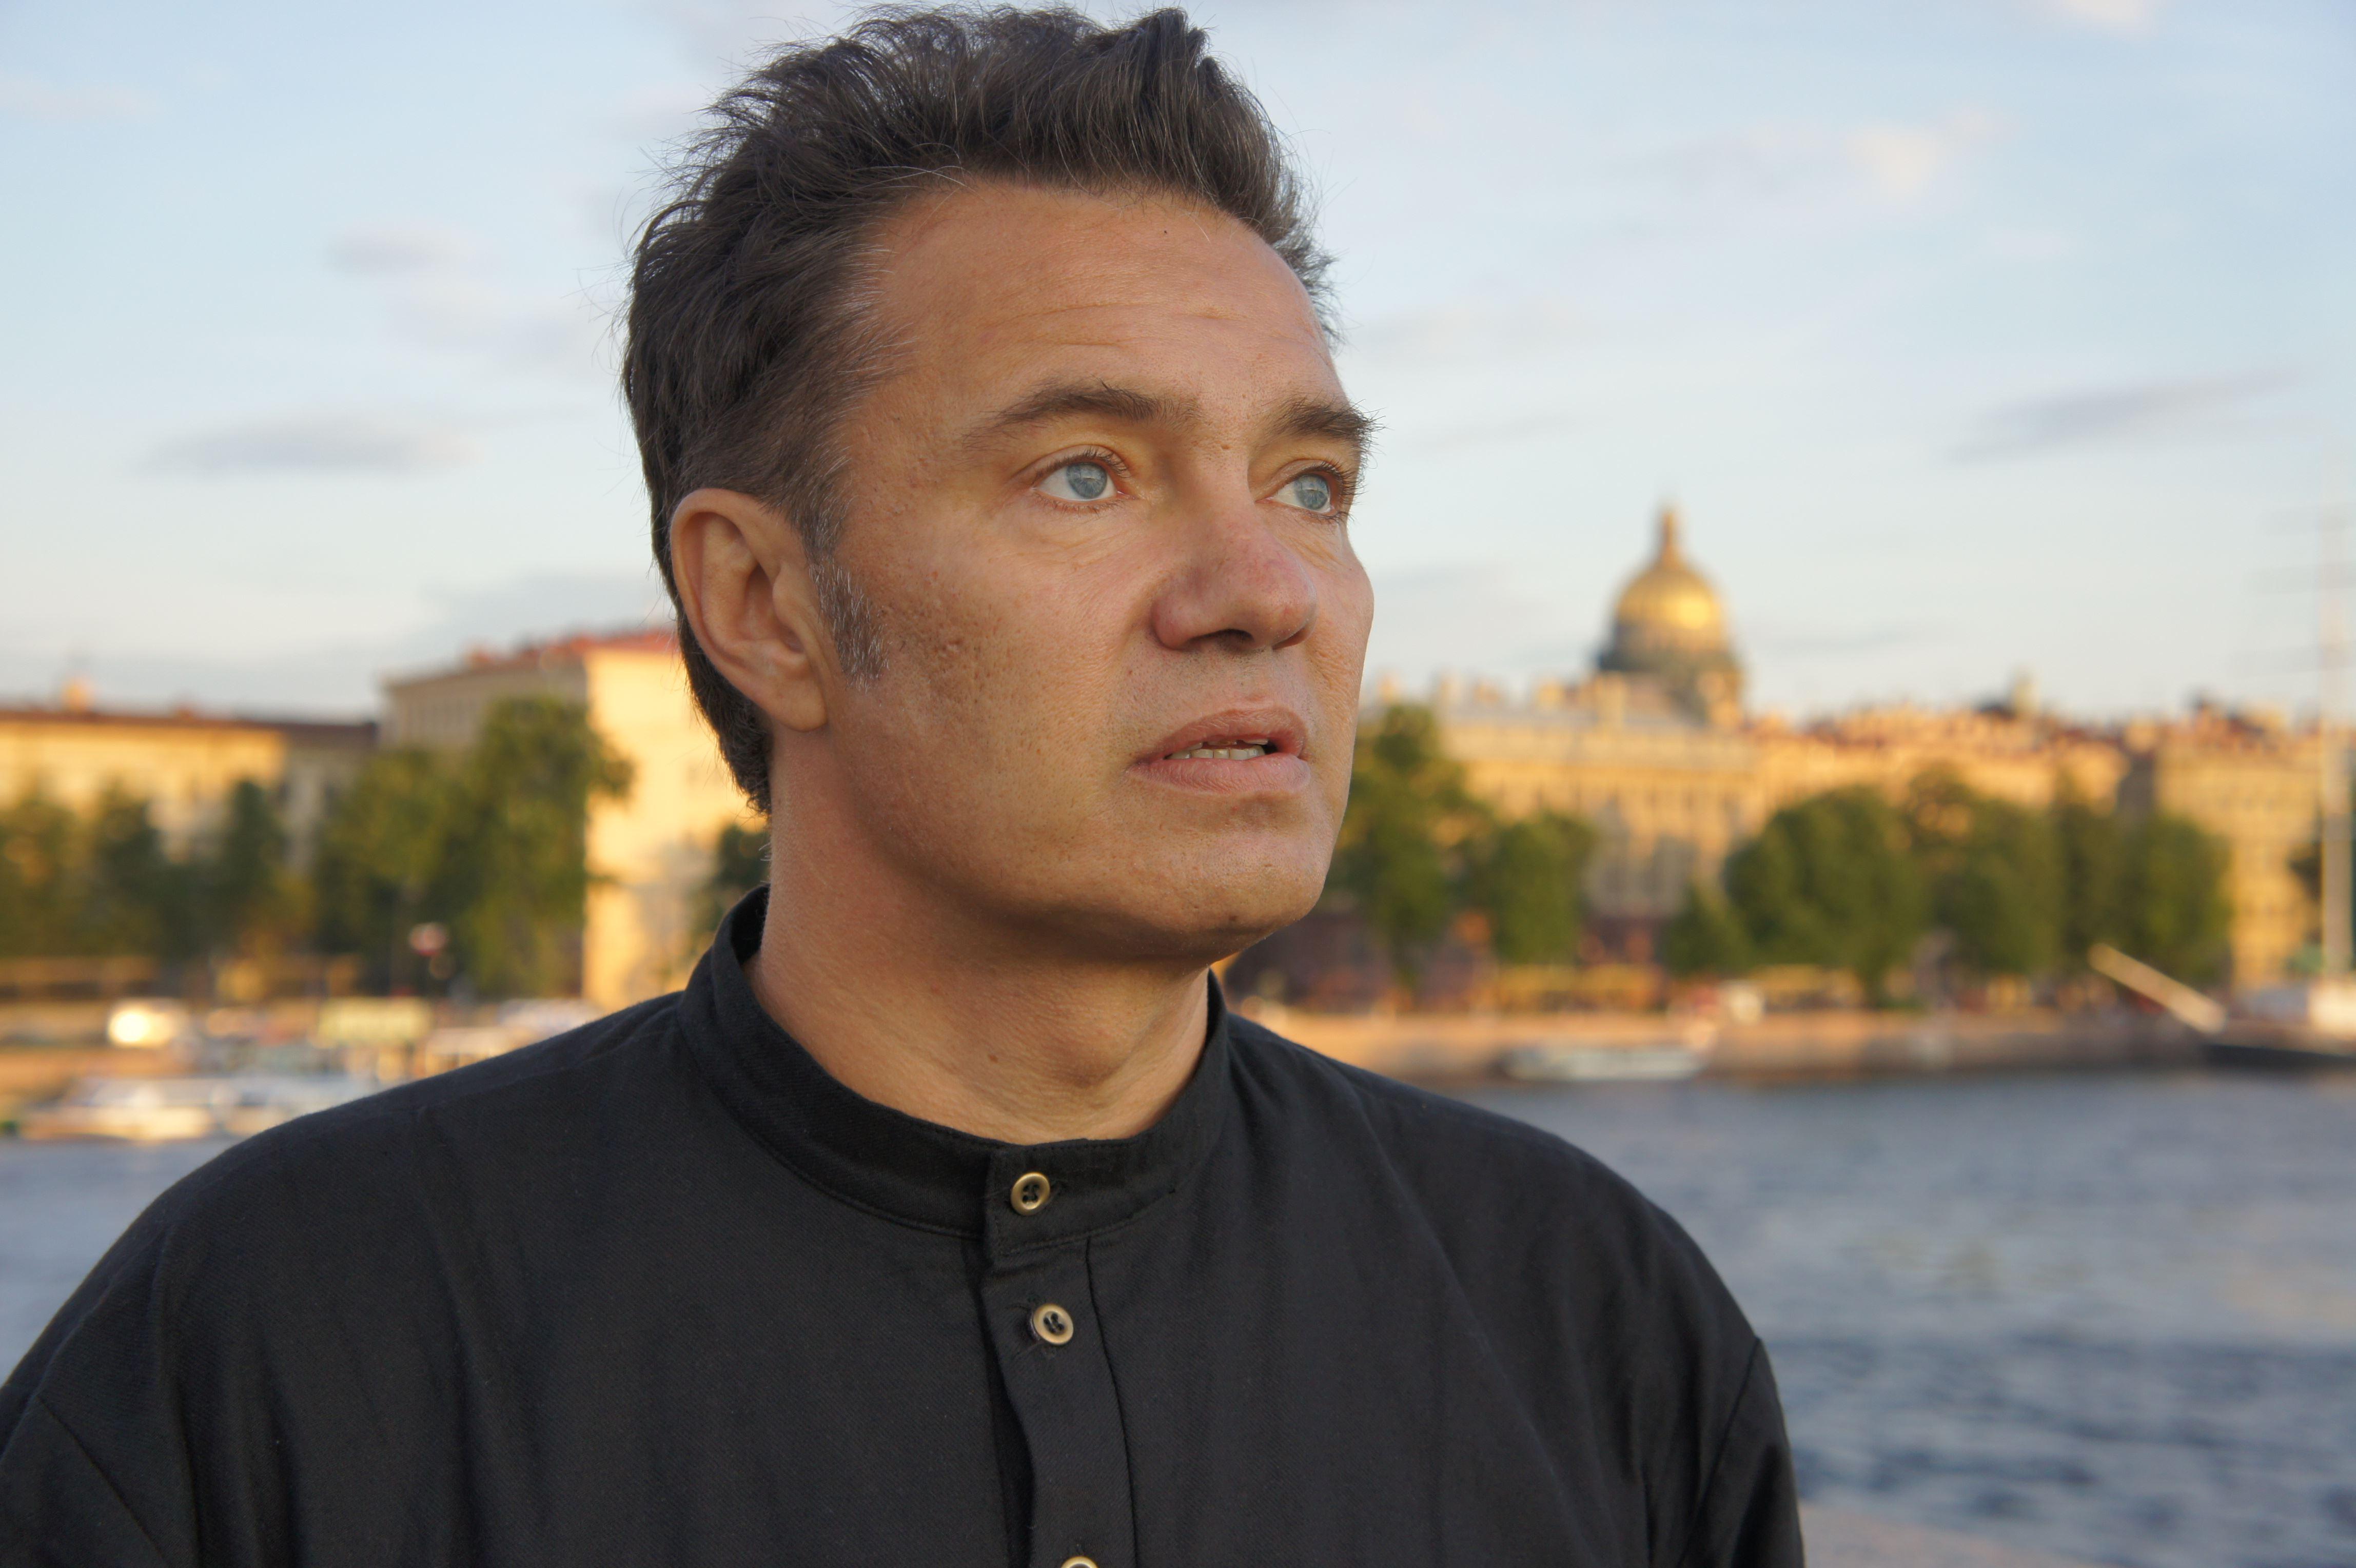 Kseniia Ivanova, Gör dig fri, ge dig ut, flyg! - En kväll med Sandvikens fristadskonstnär Mikhail Borzykin